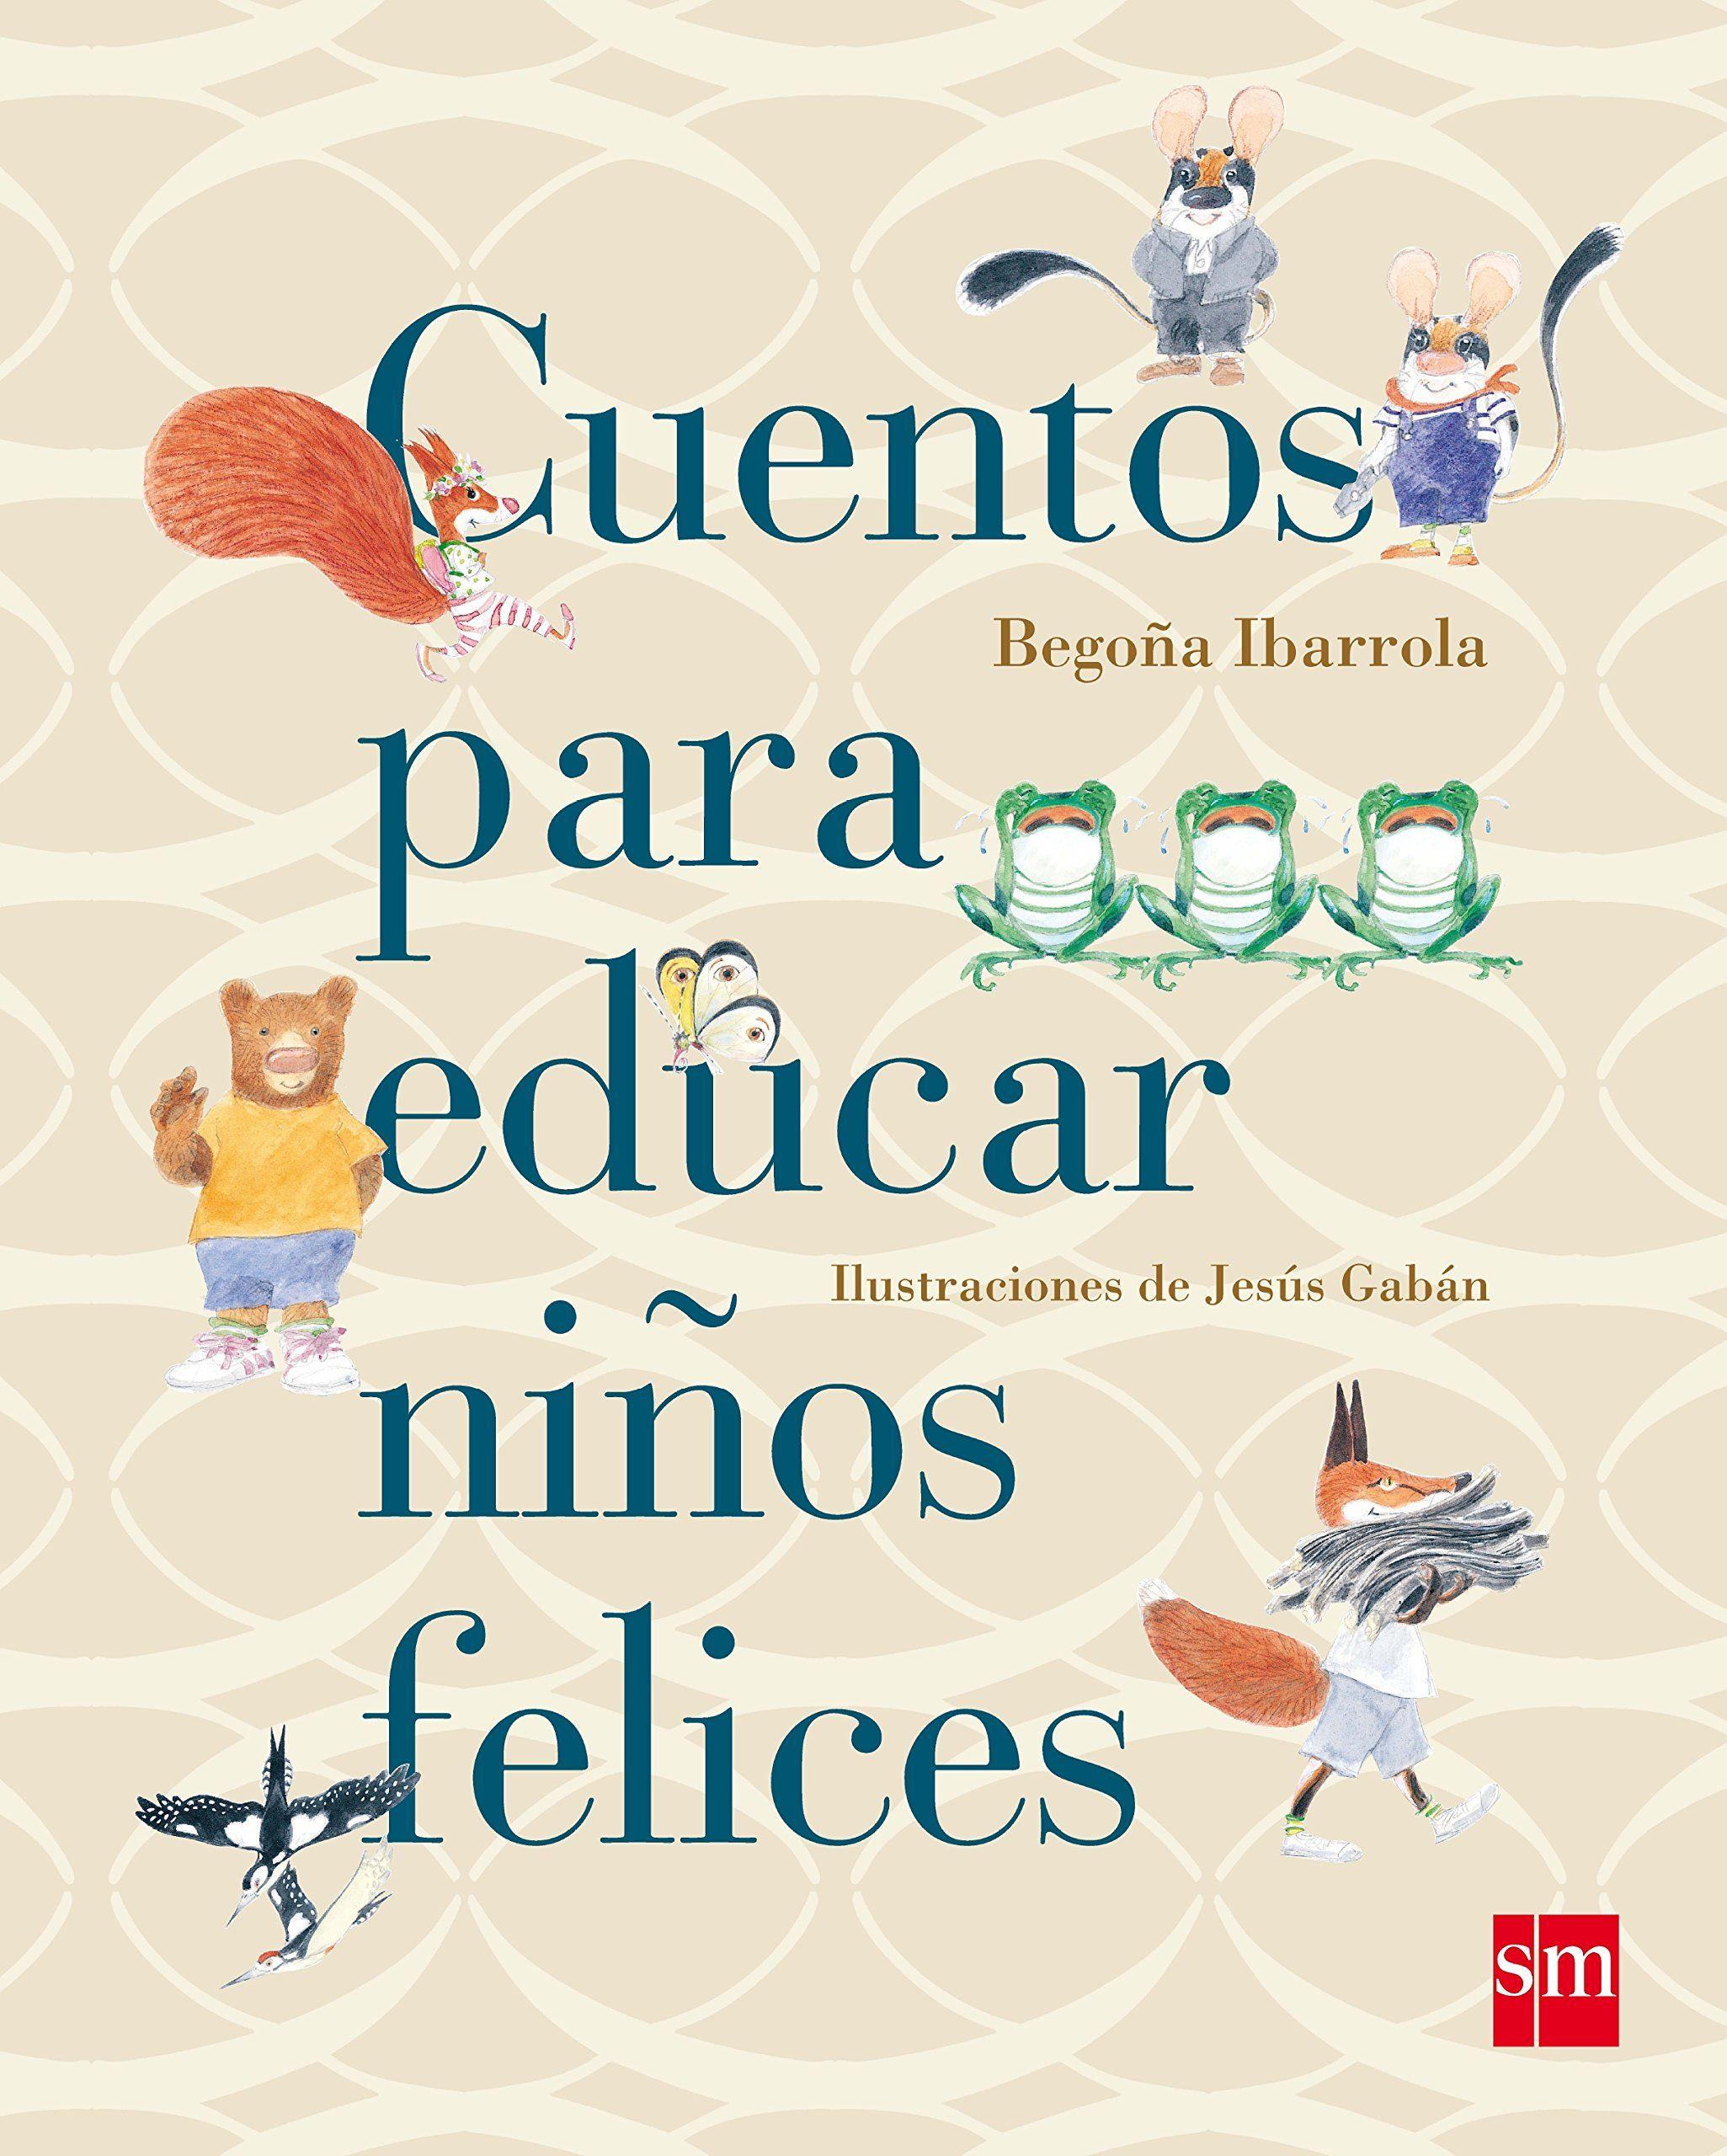 Cuentos Para Educar Niños Felices Cuentos Para Sentir Amazon Es Begoña Ibarro Educacion Emocional Infantil Cuentos Infantiles Para Leer Literatura Para Niños